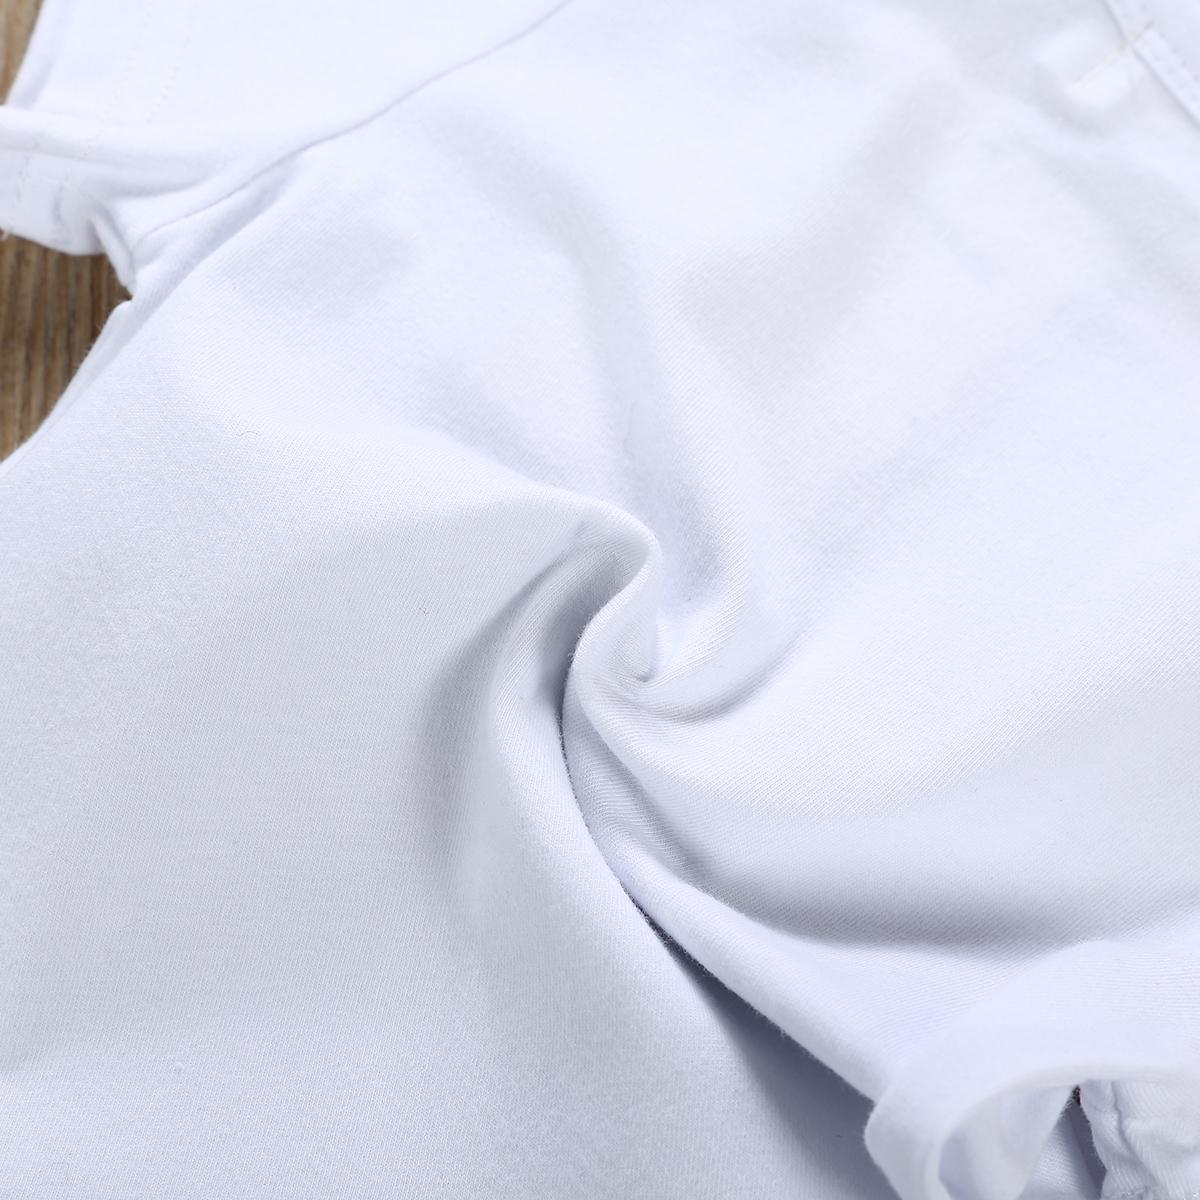 0-24М с коротким рукавом Новорожденный мальчик девочка Bodysuit Комбинезон лето малышей младенческой Детские легкий костюм с шортами письма Хлопок Одежда женский пляжный костюм